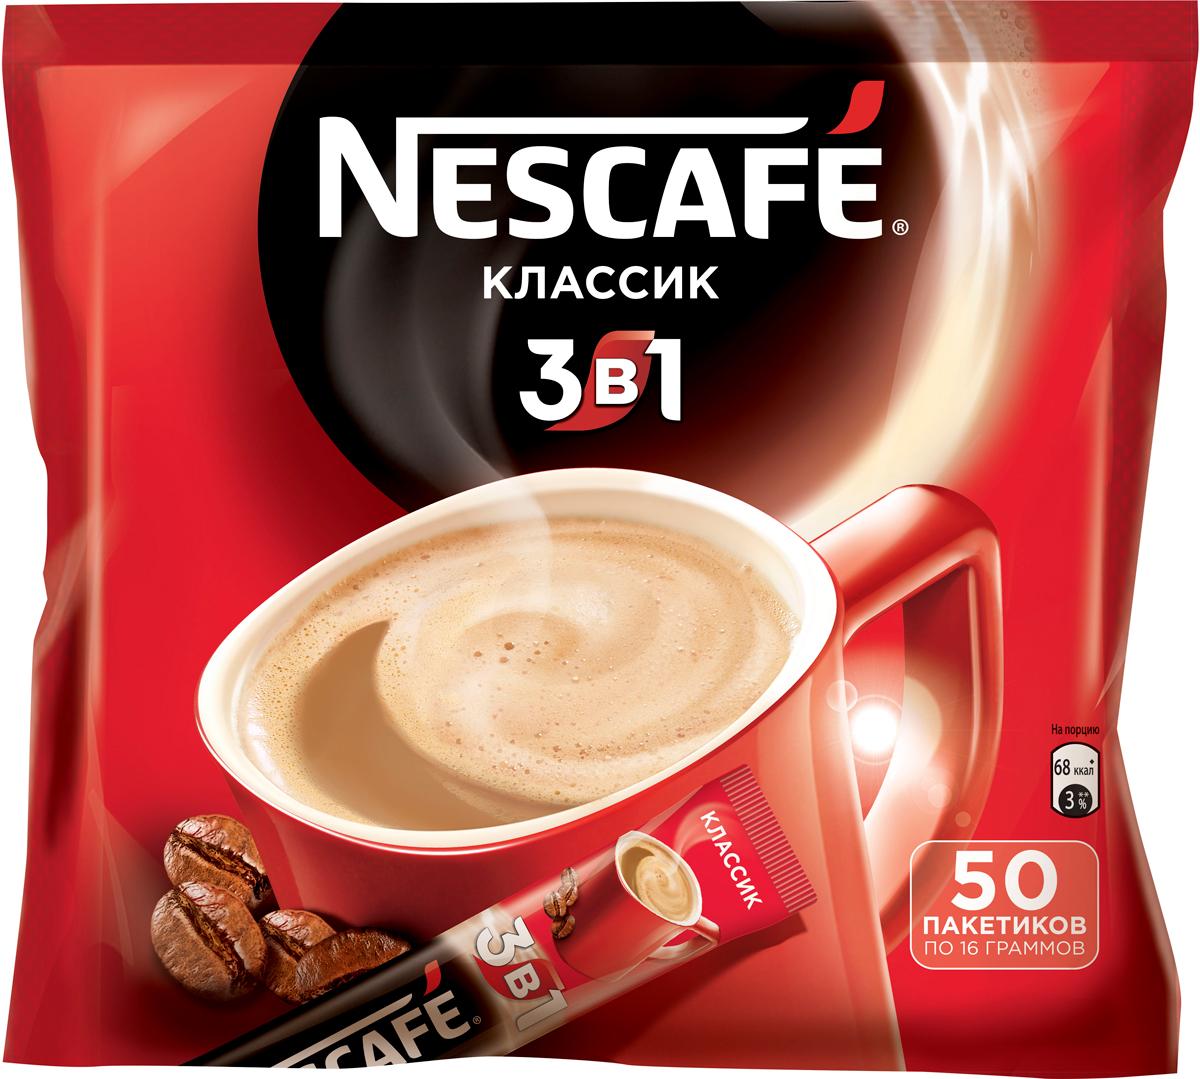 Nescafe 3 в 1 Классик кофе растворимый, 50 штУПП00000096Nescafe 3 в 1 Классик - кофейно-сливочный напиток, в состав которого входят высококачественные ингредиенты: кофе Nescafe, сахар, сливки растительного происхождения. Каждый пакетик Nescafe 3 в 1 подарит вам идеальное сочетание кофе, сливок, сахара!